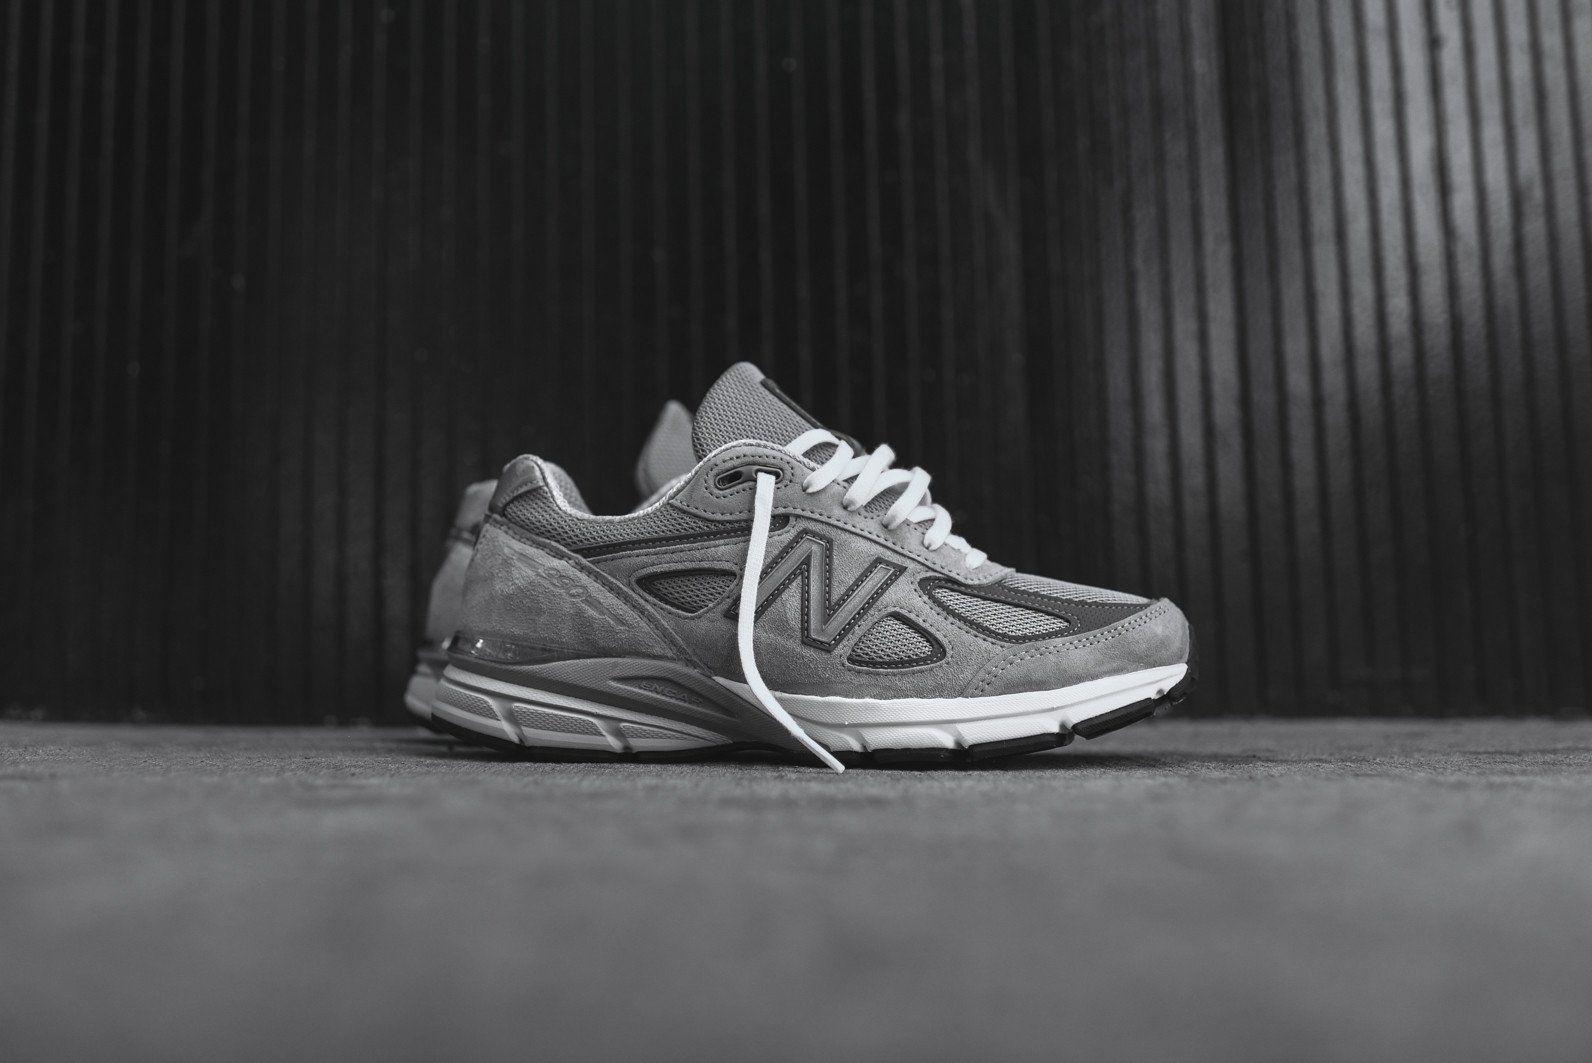 New Balance M990v4 - Grey / White | New